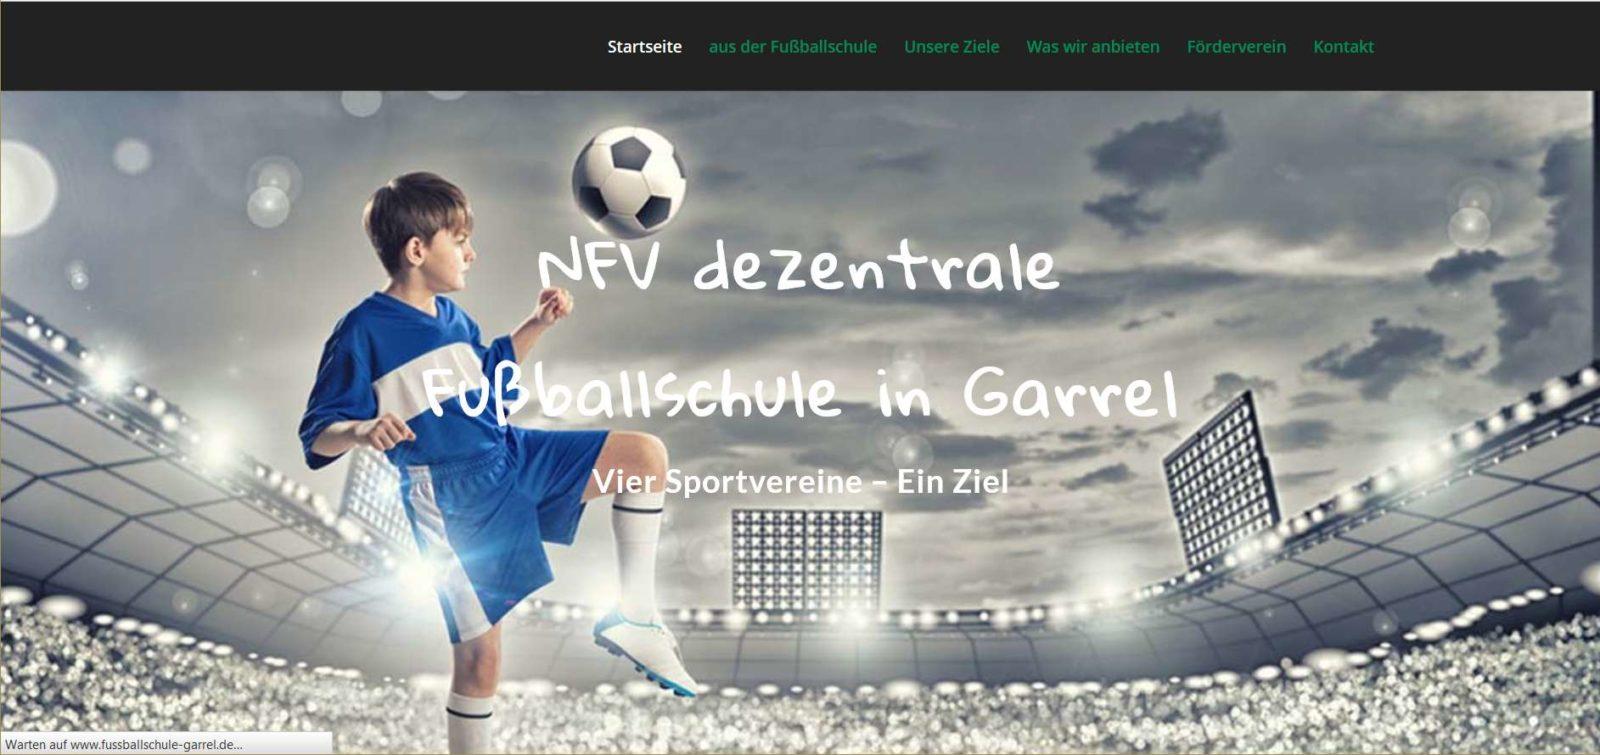 Fussballschule Garrel